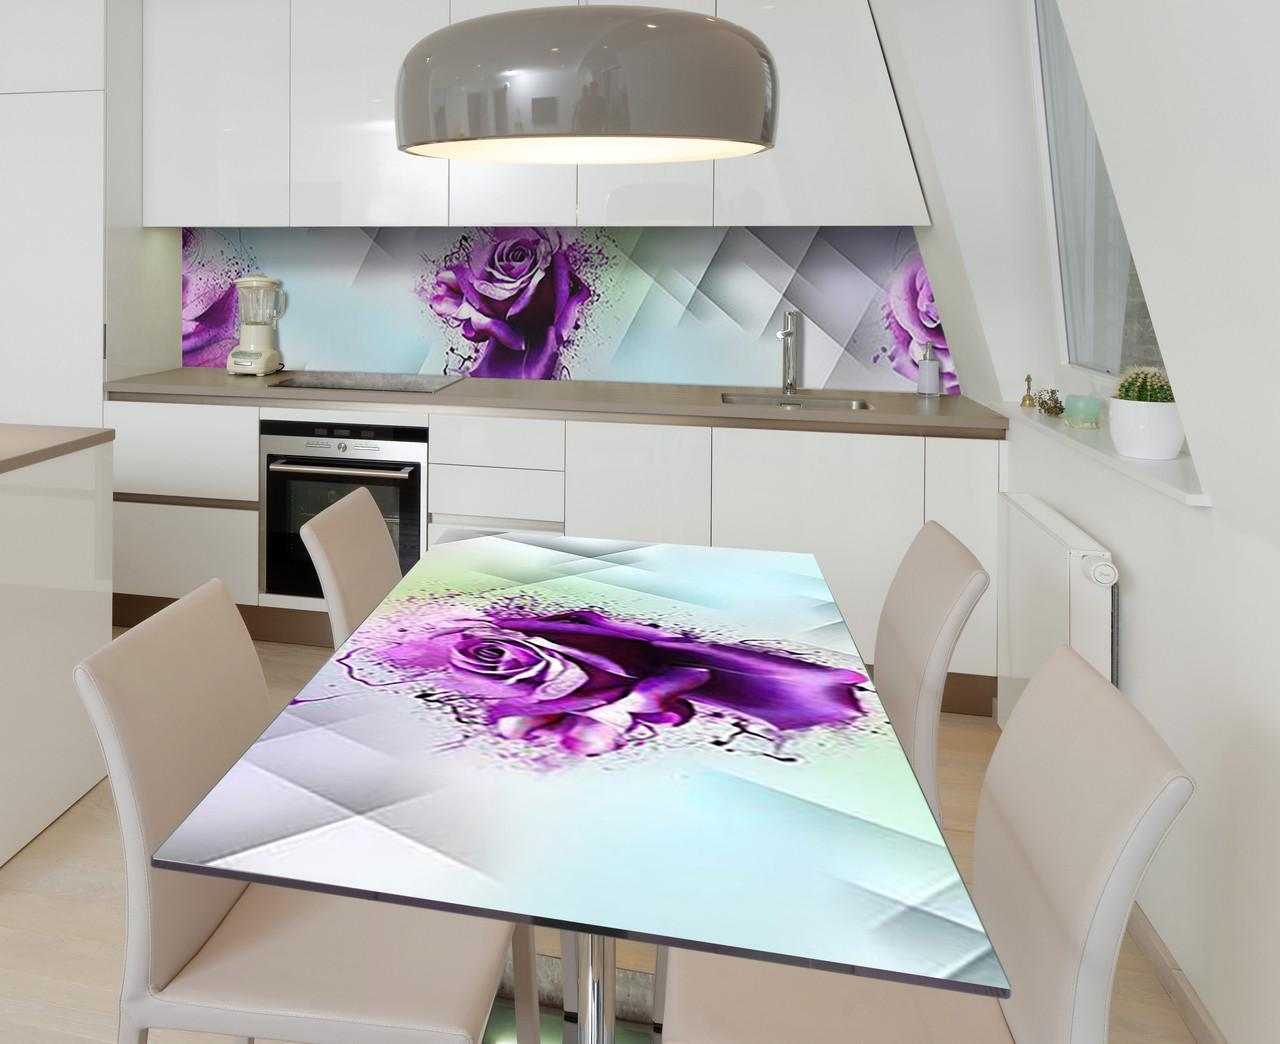 Наклейка 3Д виниловая на стол Zatarga «Фиолетовое сумасшествие» 650х1200 мм для домов, квартир, столов,